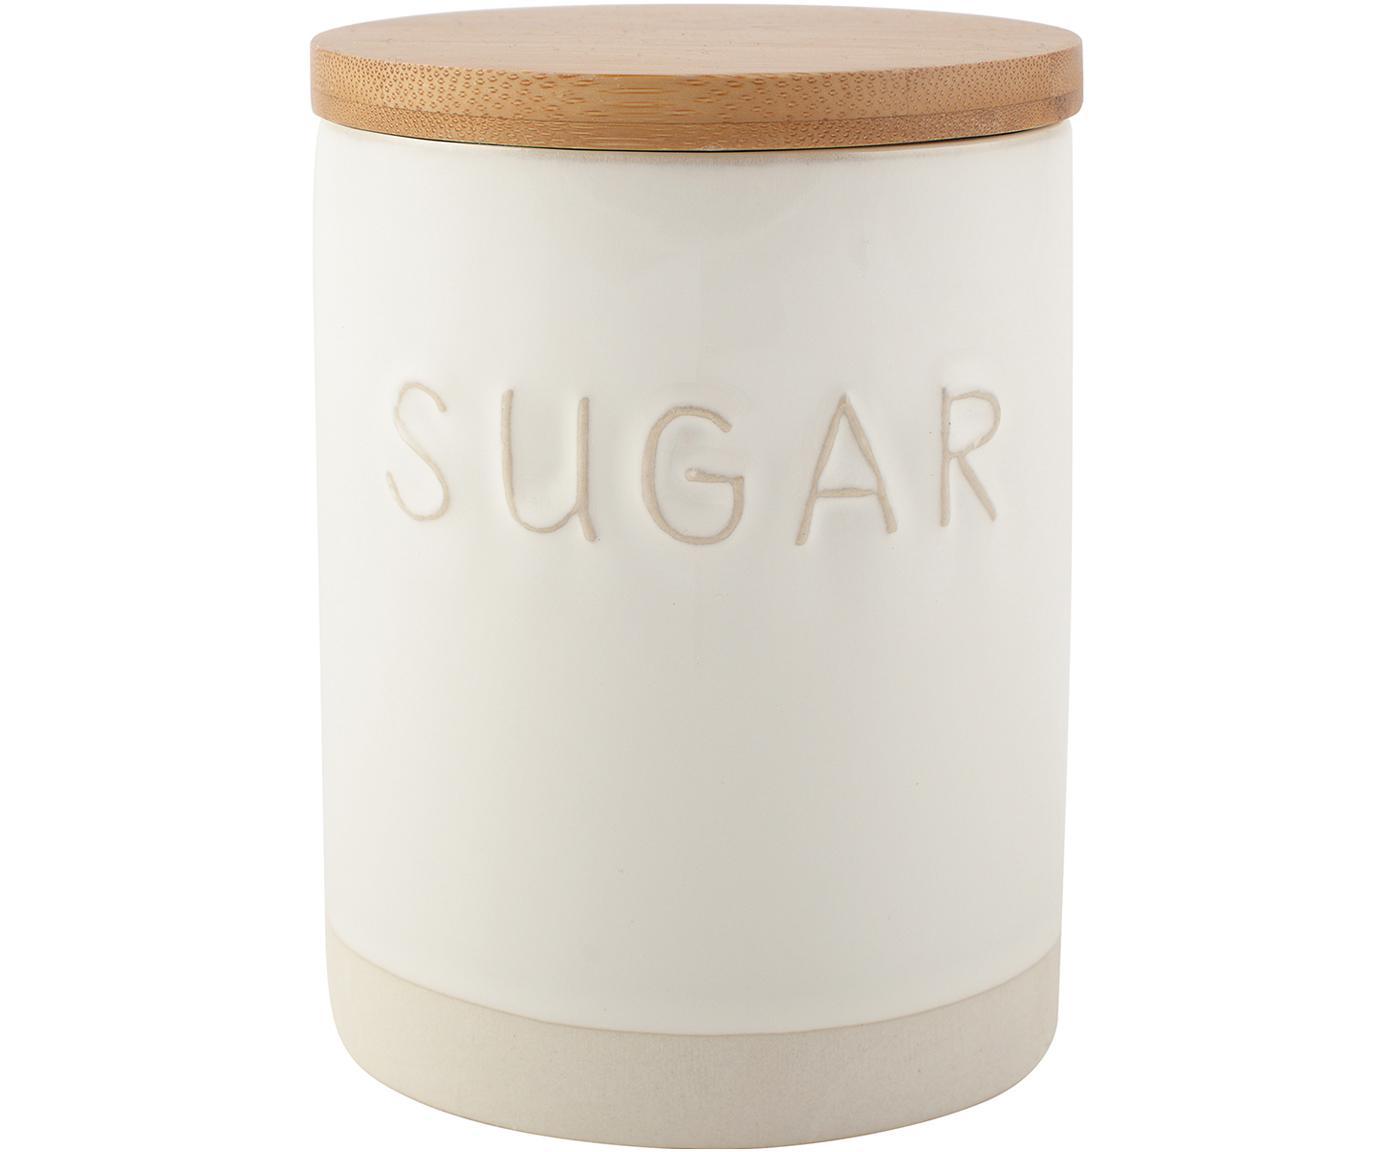 Contenitore Sugar, Contenitore: terracotta, Coperchio: legno, Bianco, Beige, Ø 10 x Alt. 14 cm